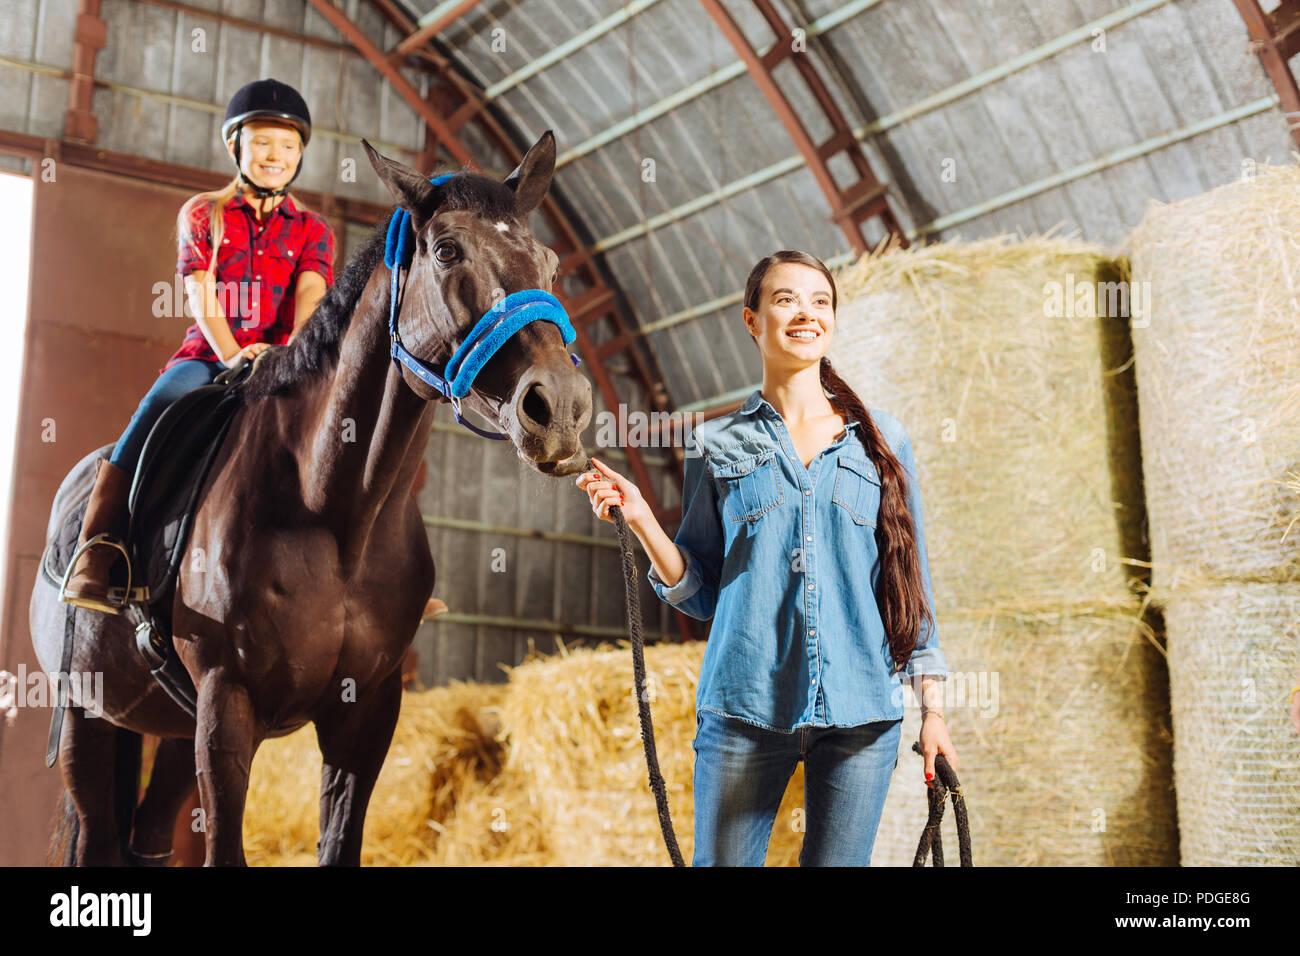 Dunkelhaarige stilvolle Reitlehrer führenden Pferd mit cute girl Stockbild